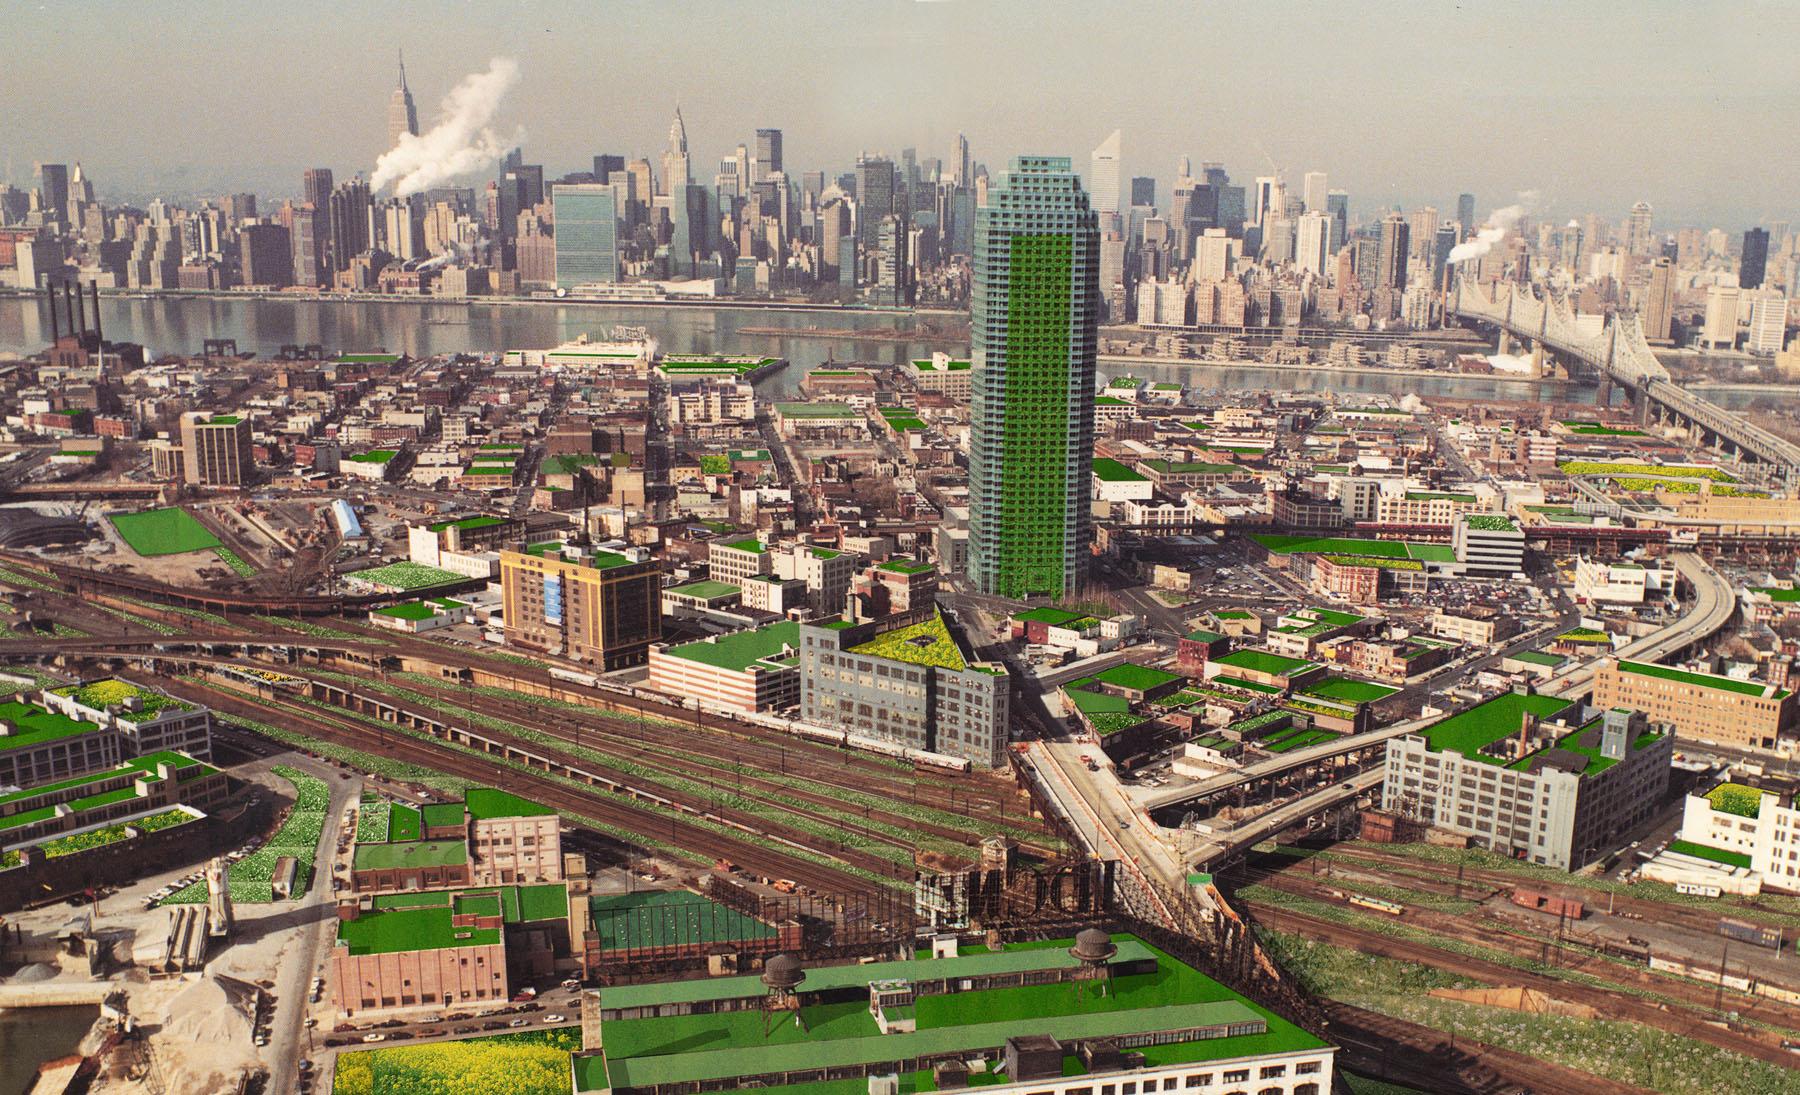 BA_LI Green City_Infrastructure_Mark Dye.jpg